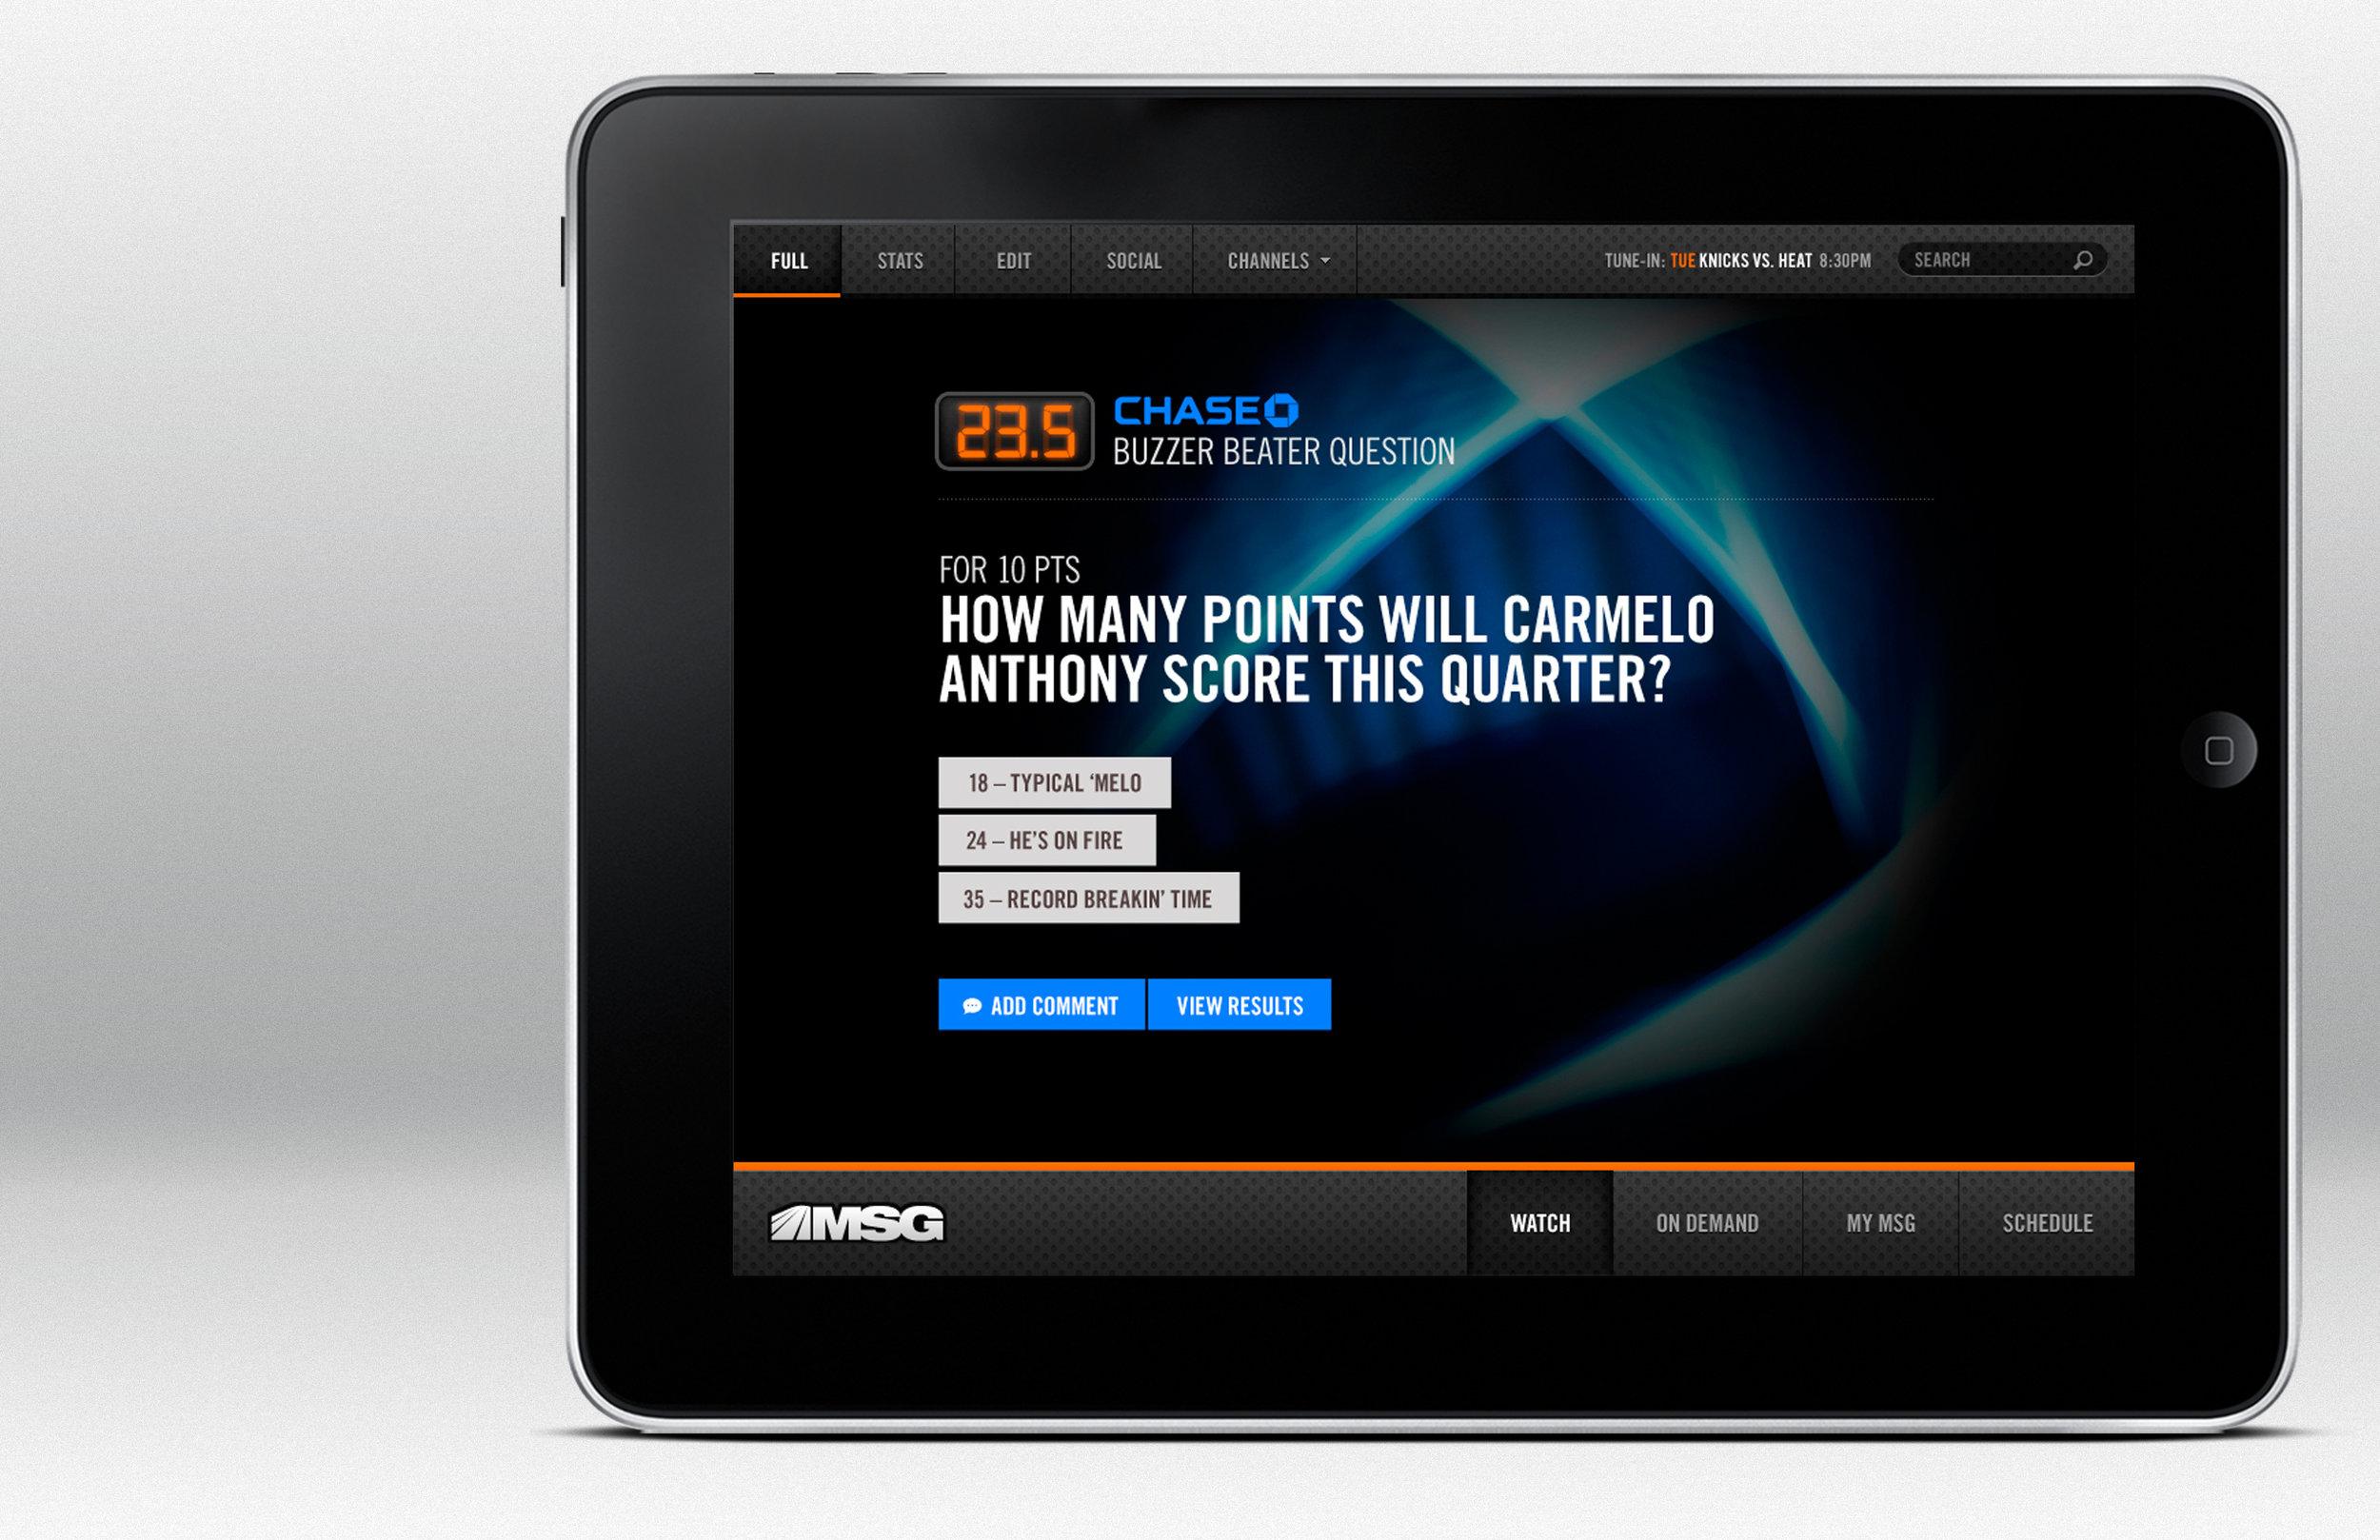 MSGGO_iPad3_watchchasead.jpg